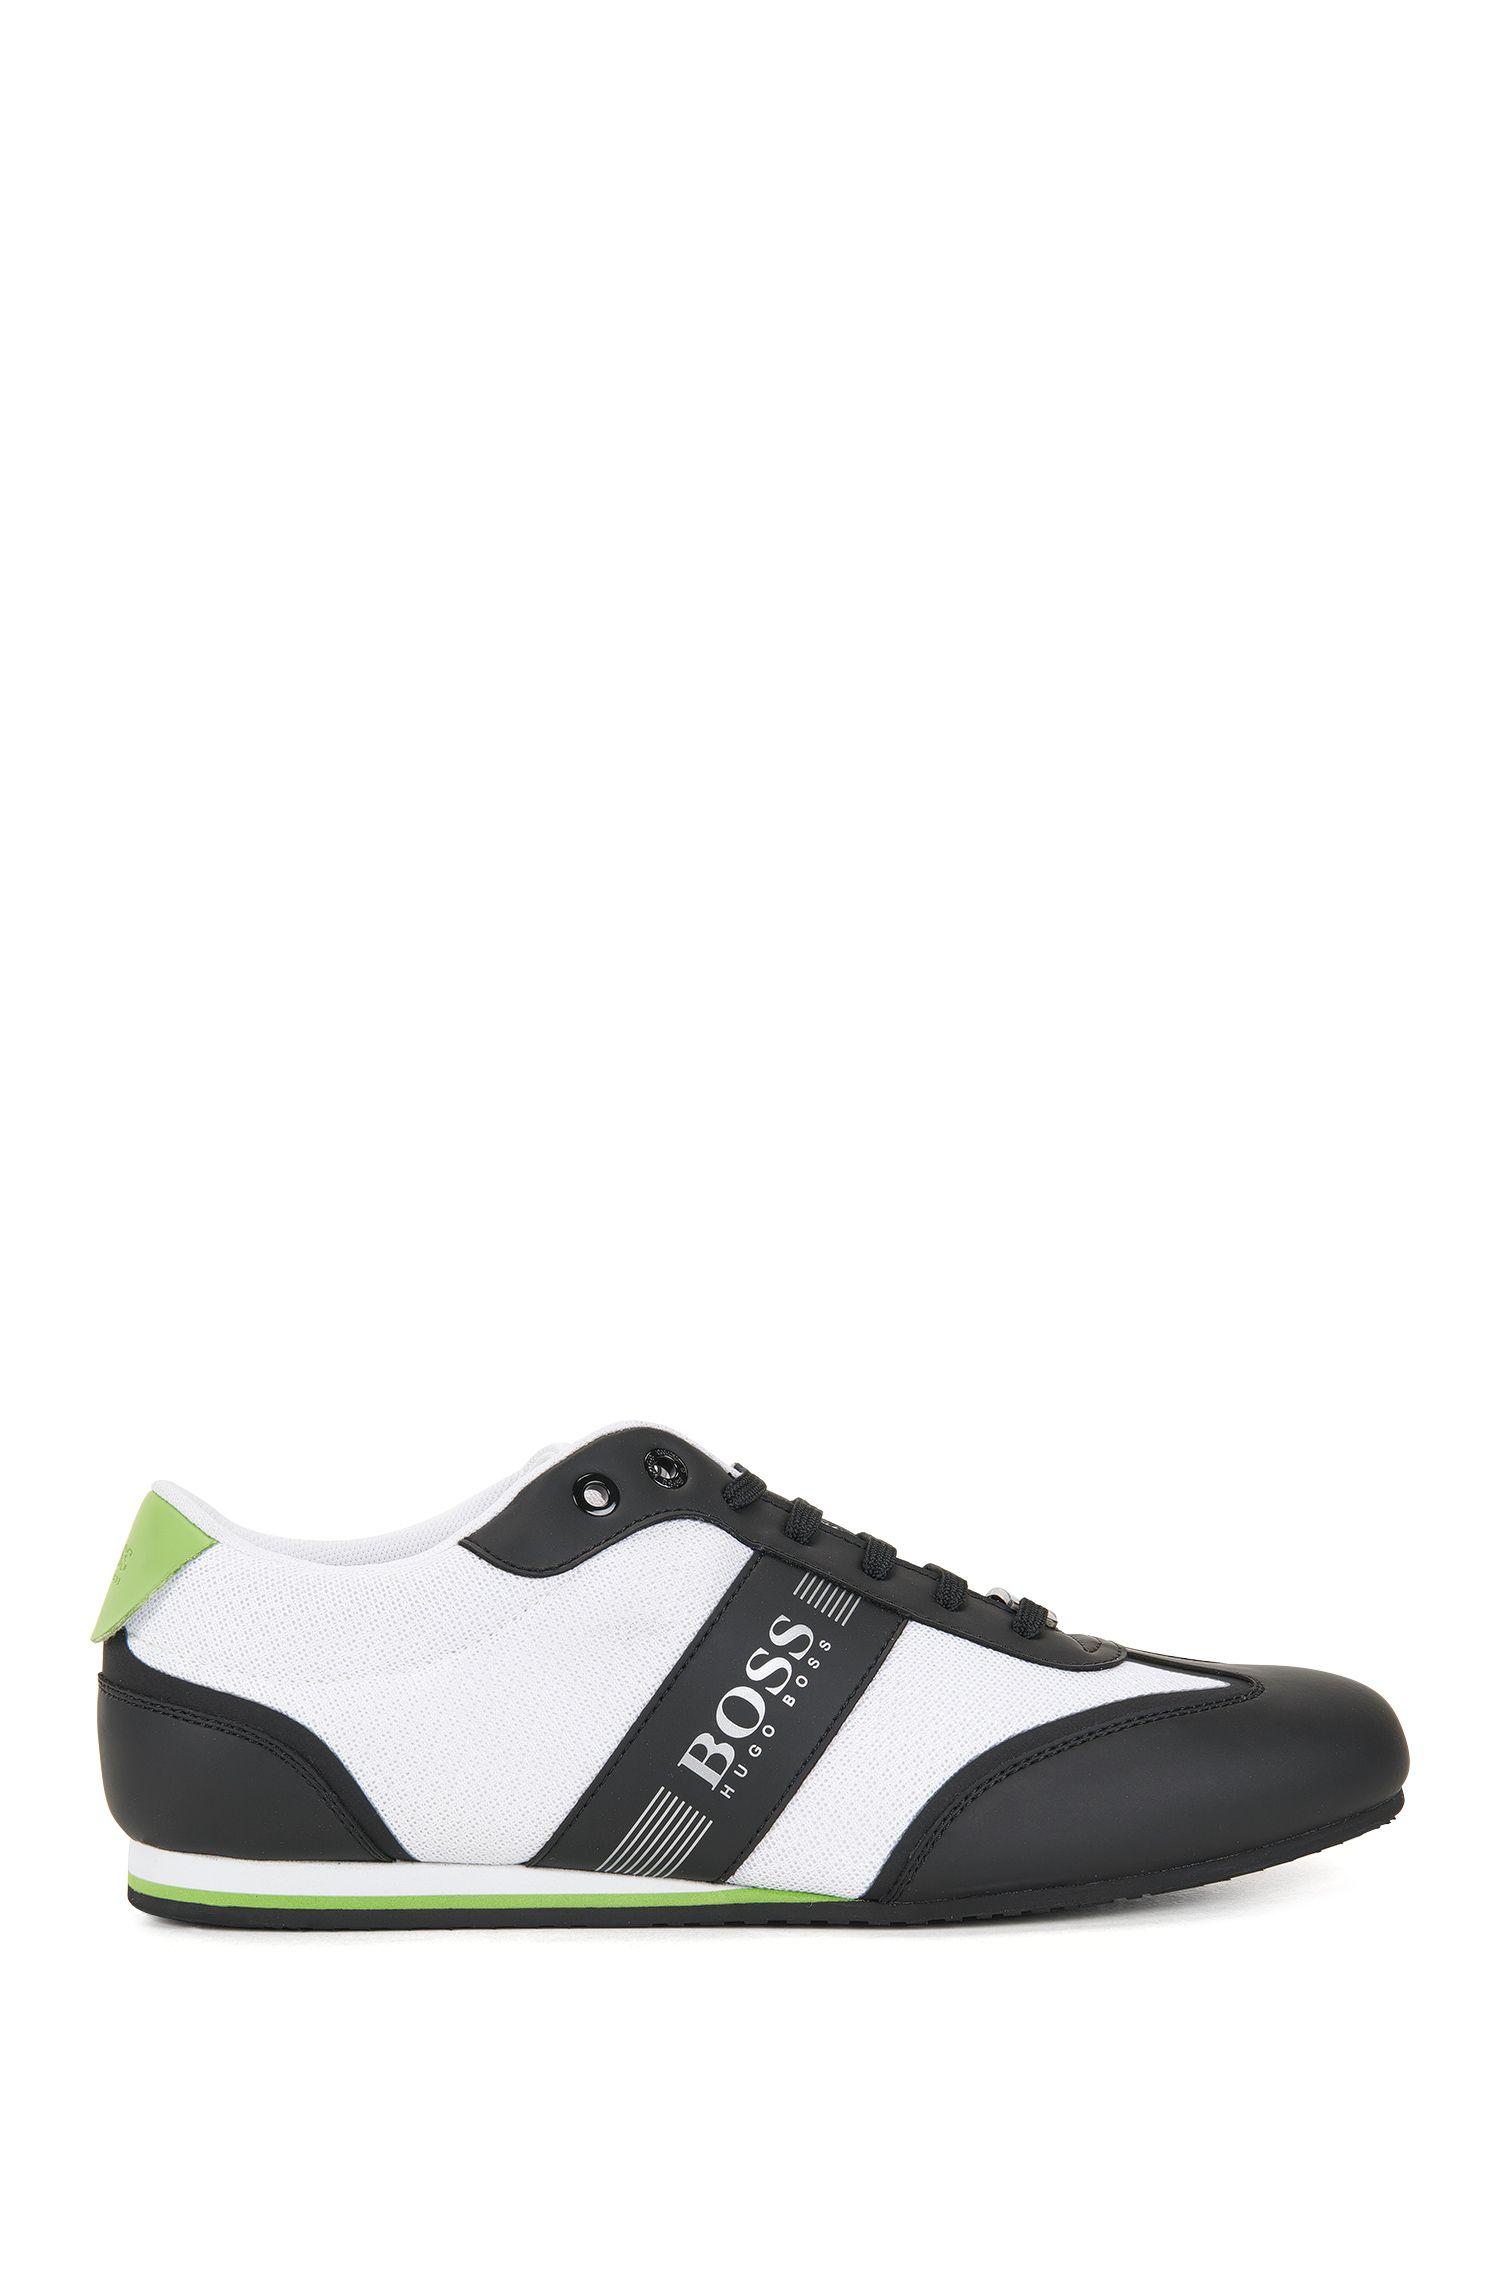 Chaussures de sport lacées, avec détail en mesh